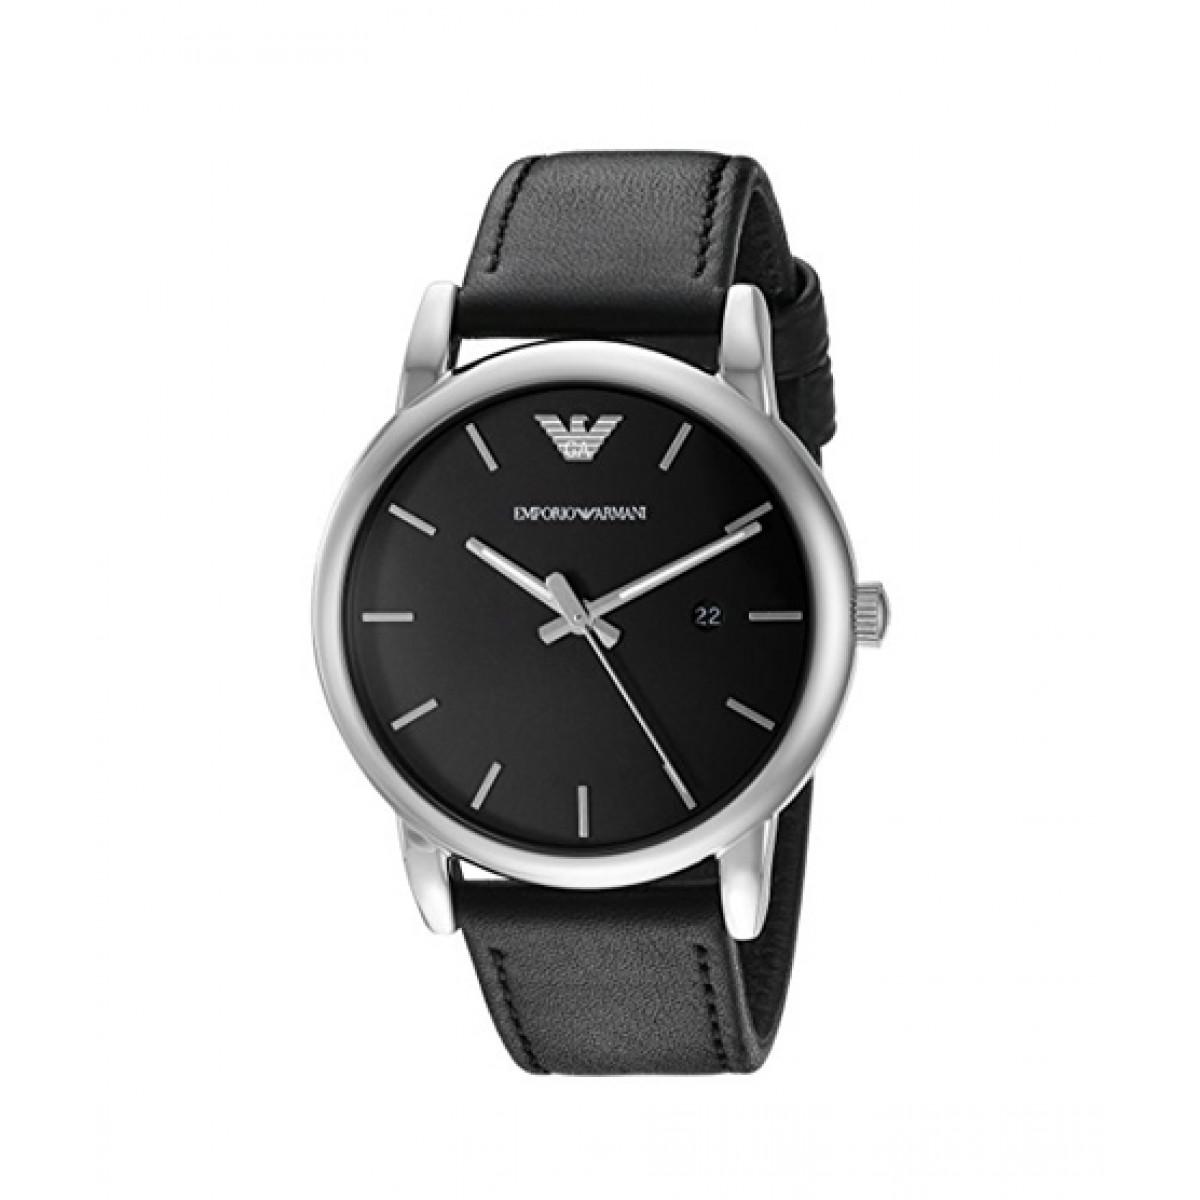 7214016b9d359 Emporio Armani Dress Men's Watch Black Price in Pakistan | Buy Emporio  Armani Men's Watch (AR1692) | iShopping.pk